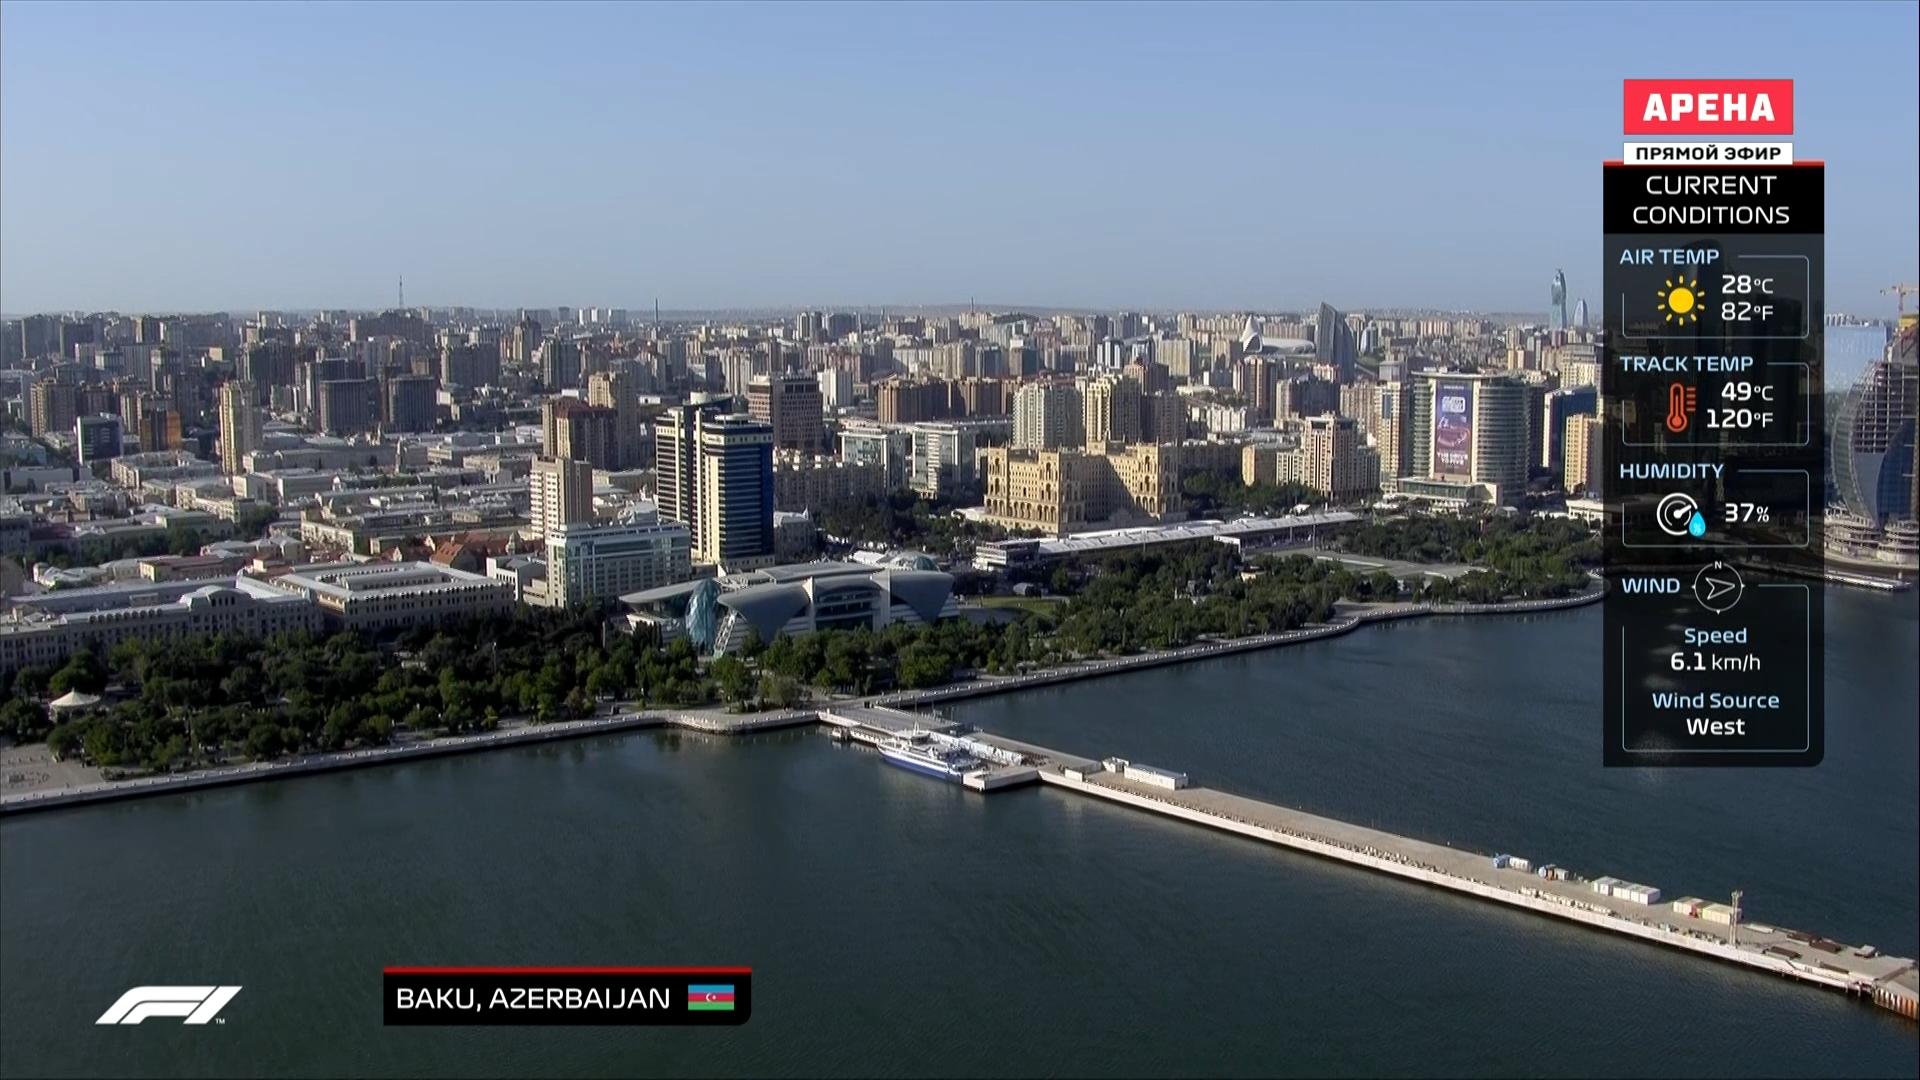 Изображение для Формула 1. Сезон 2021 / Этап 6. Гран-при Азербайджана. Практика (2) (2021) HDTV 1080i (кликните для просмотра полного изображения)